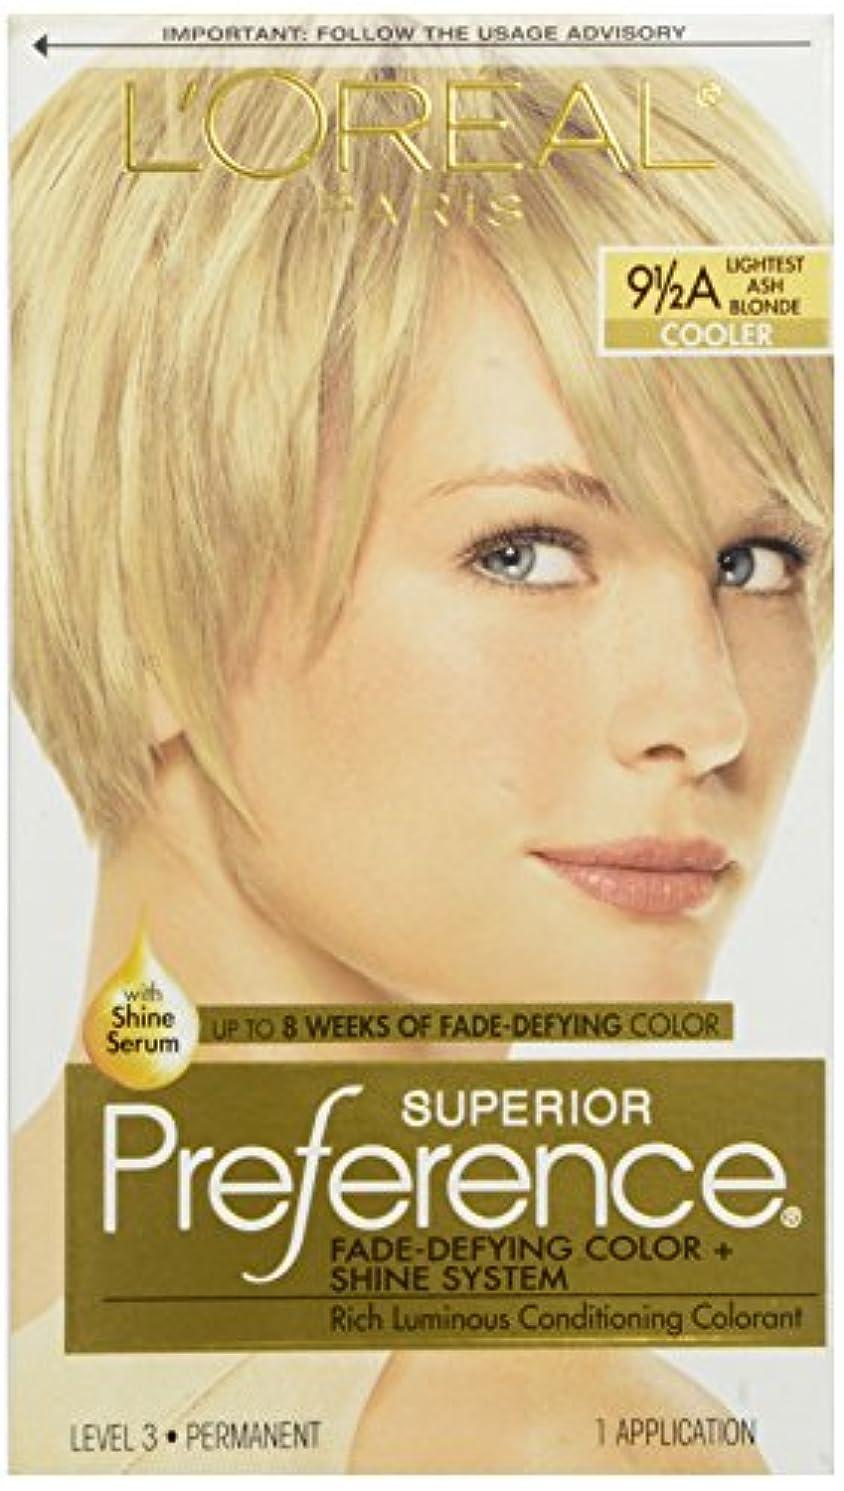 健全釈義闇L'OREAL SUPERIOR PREFERENCE HAIR COLORANT #9 1/2A LIGHTEST ASH BLONDE COOLER